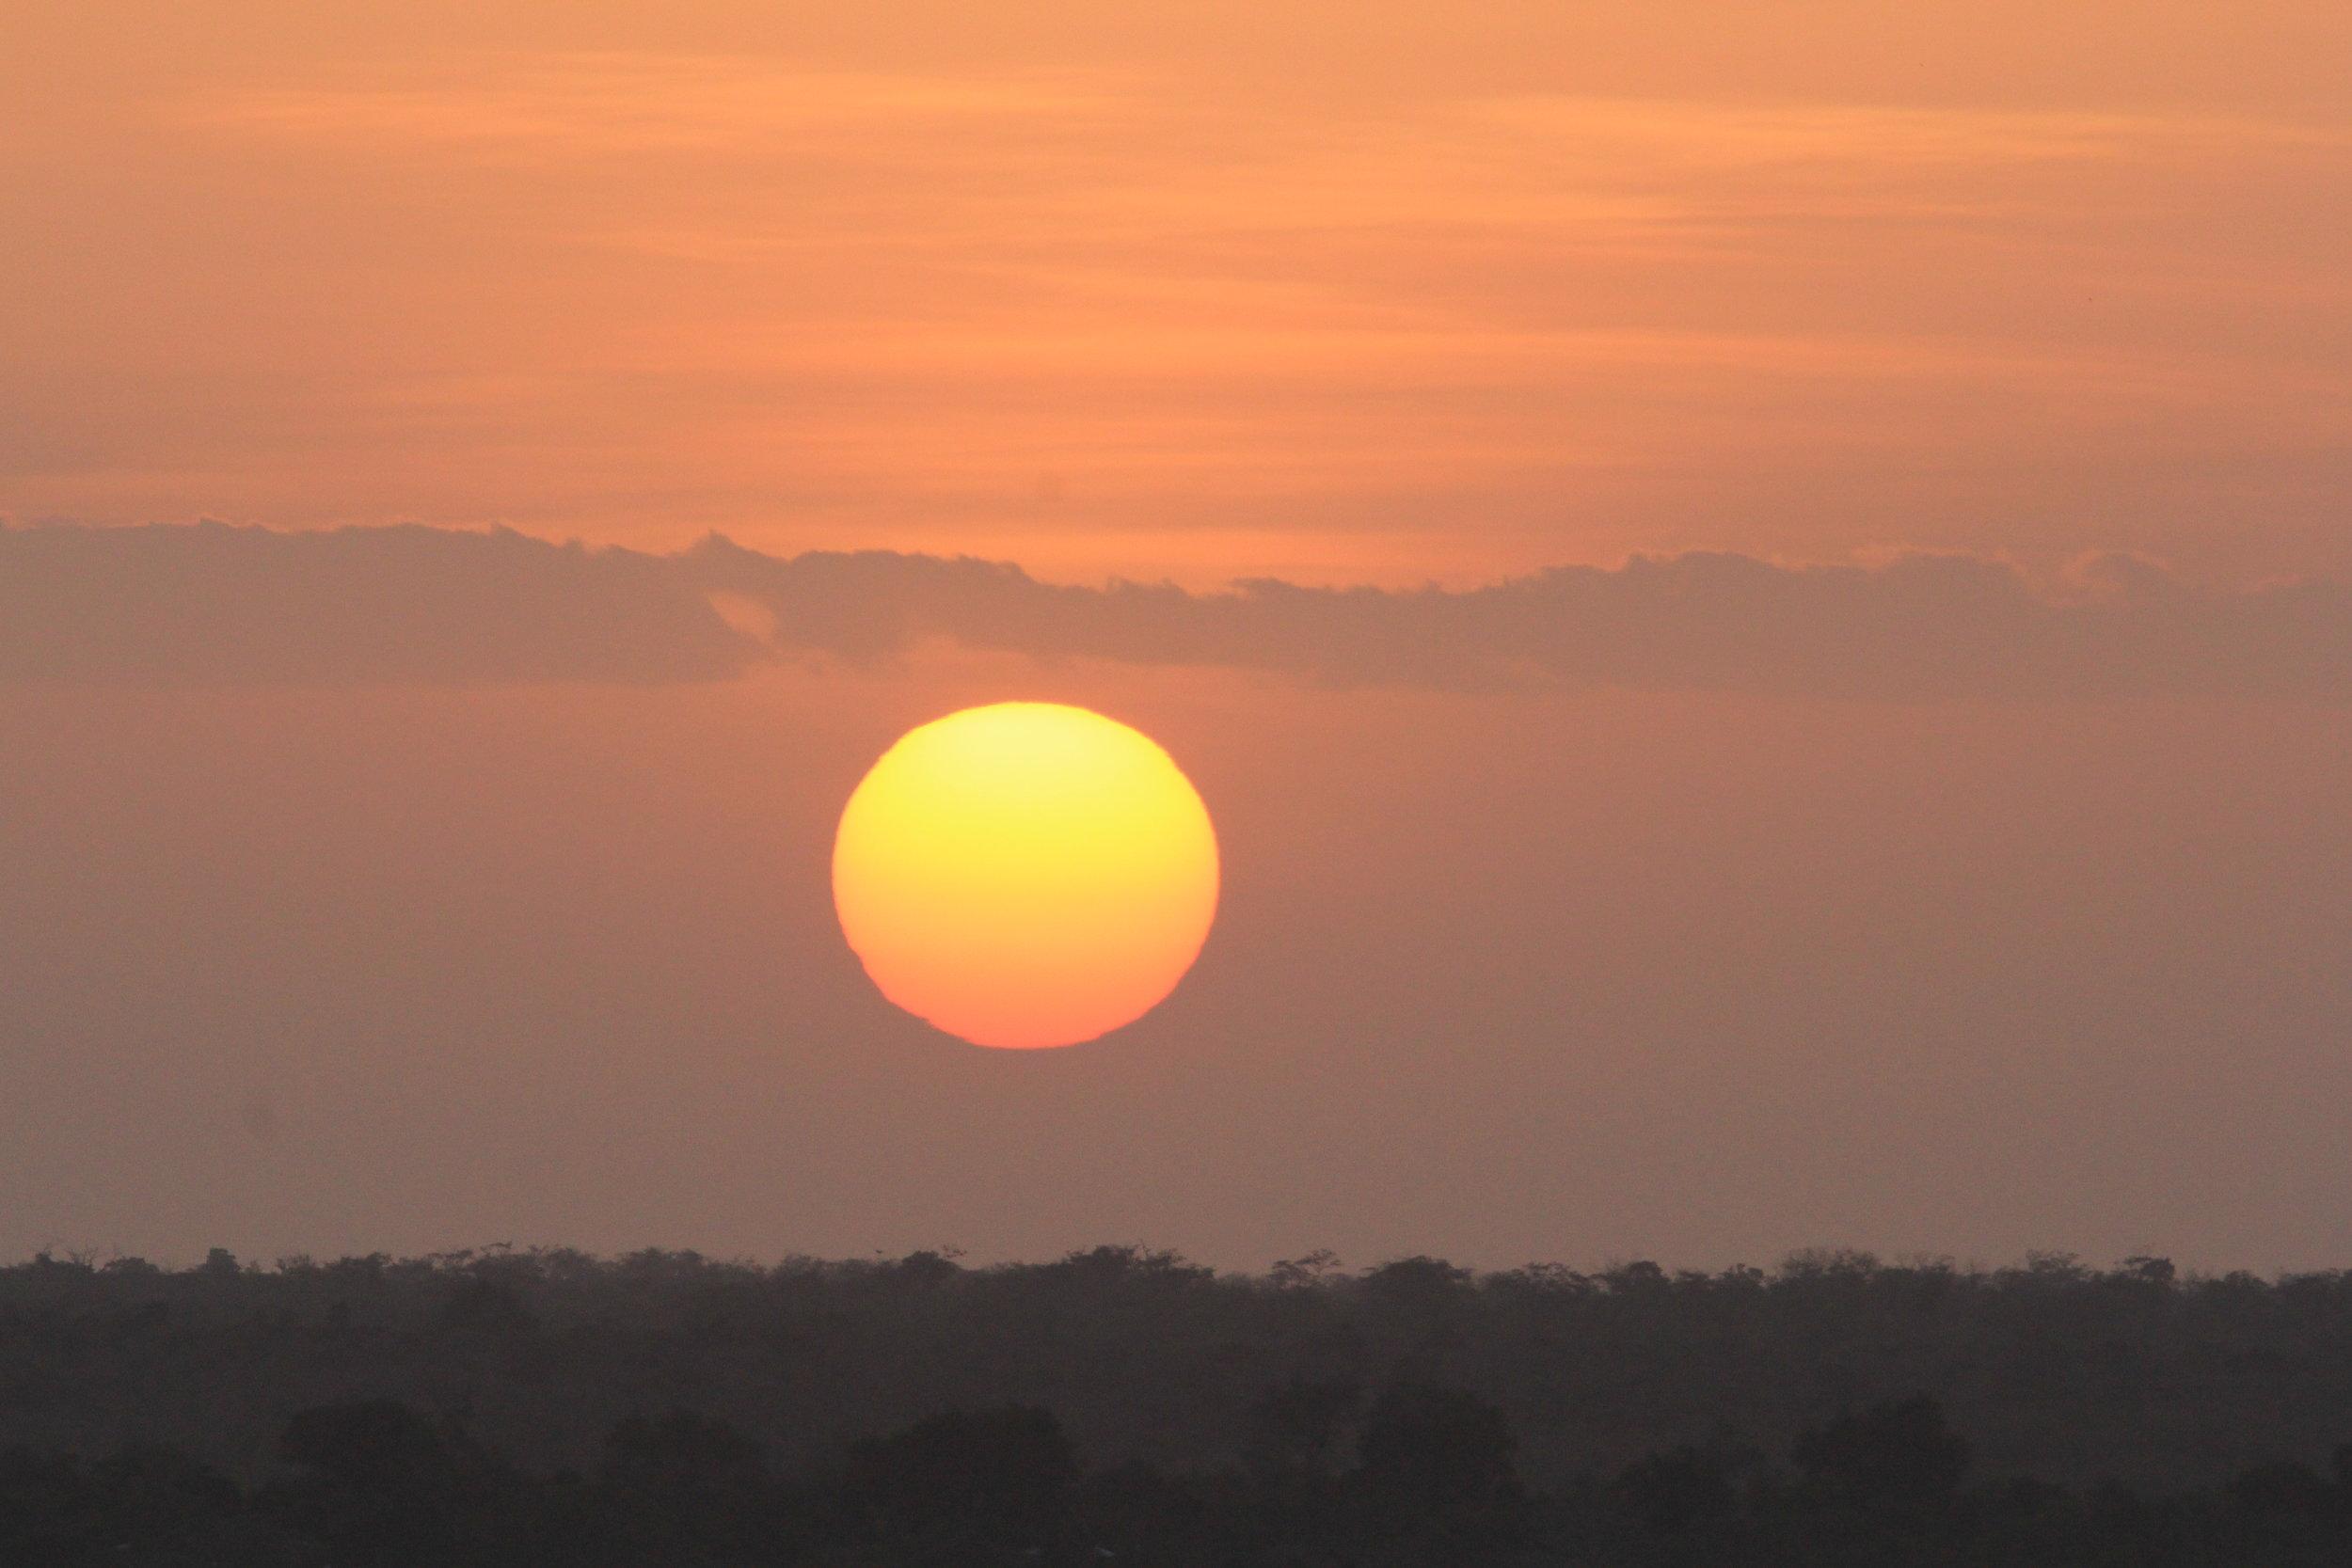 sunsets in kenya